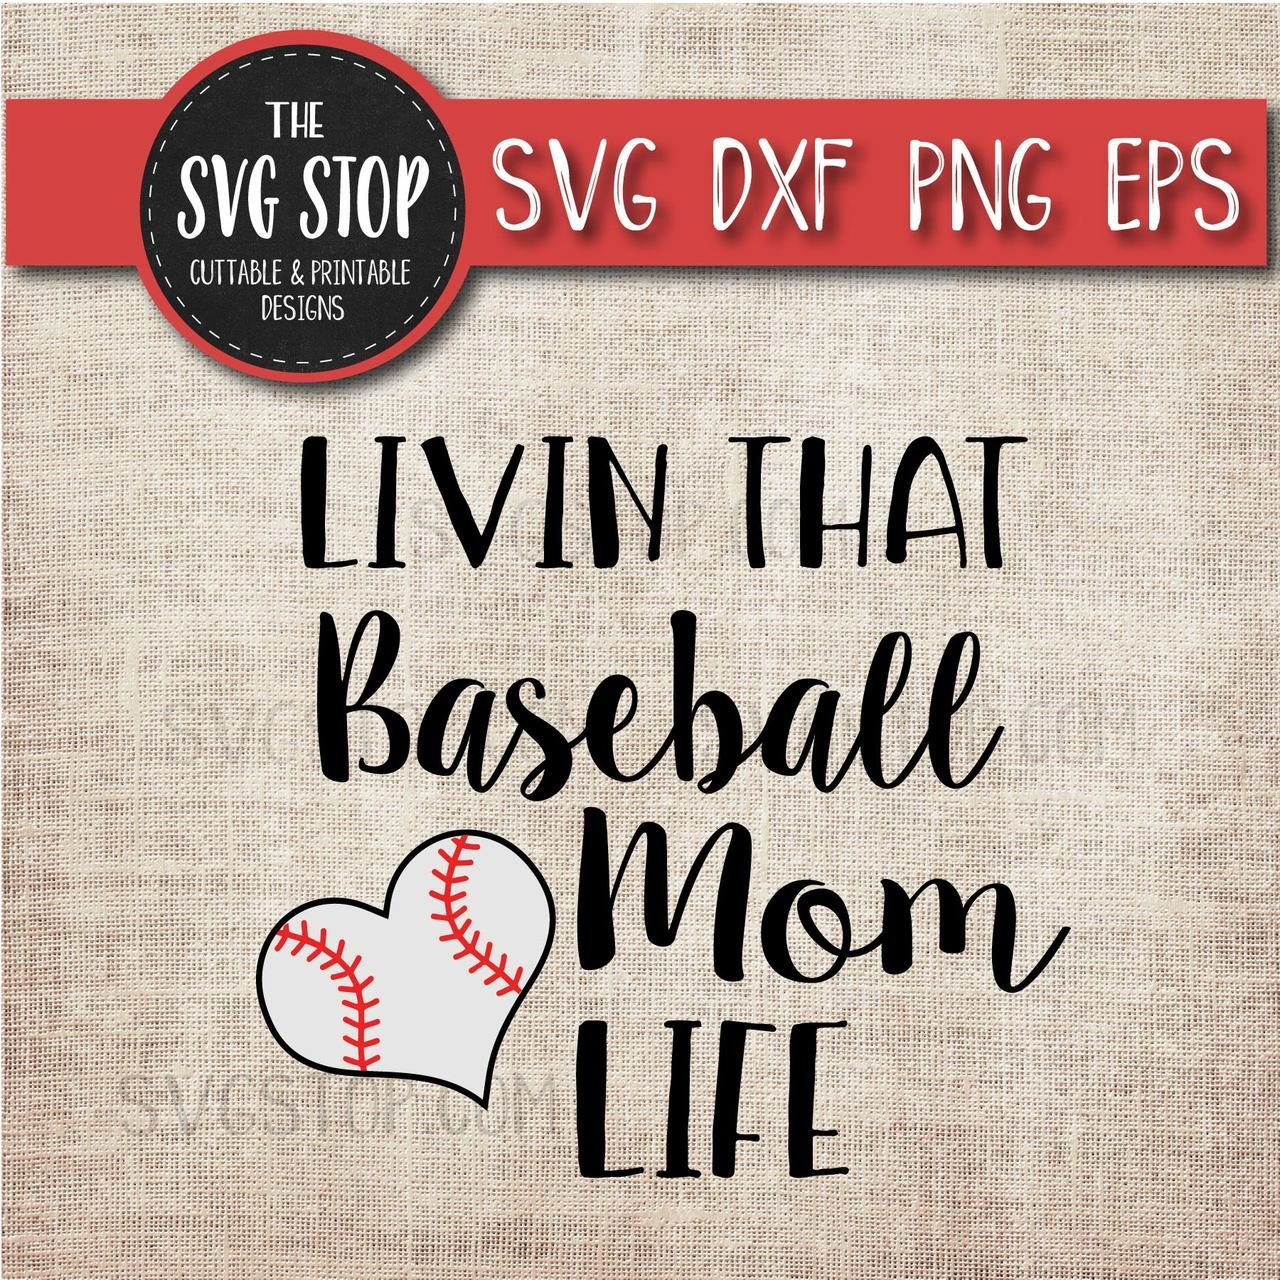 Livin That Baseball Mom Life.